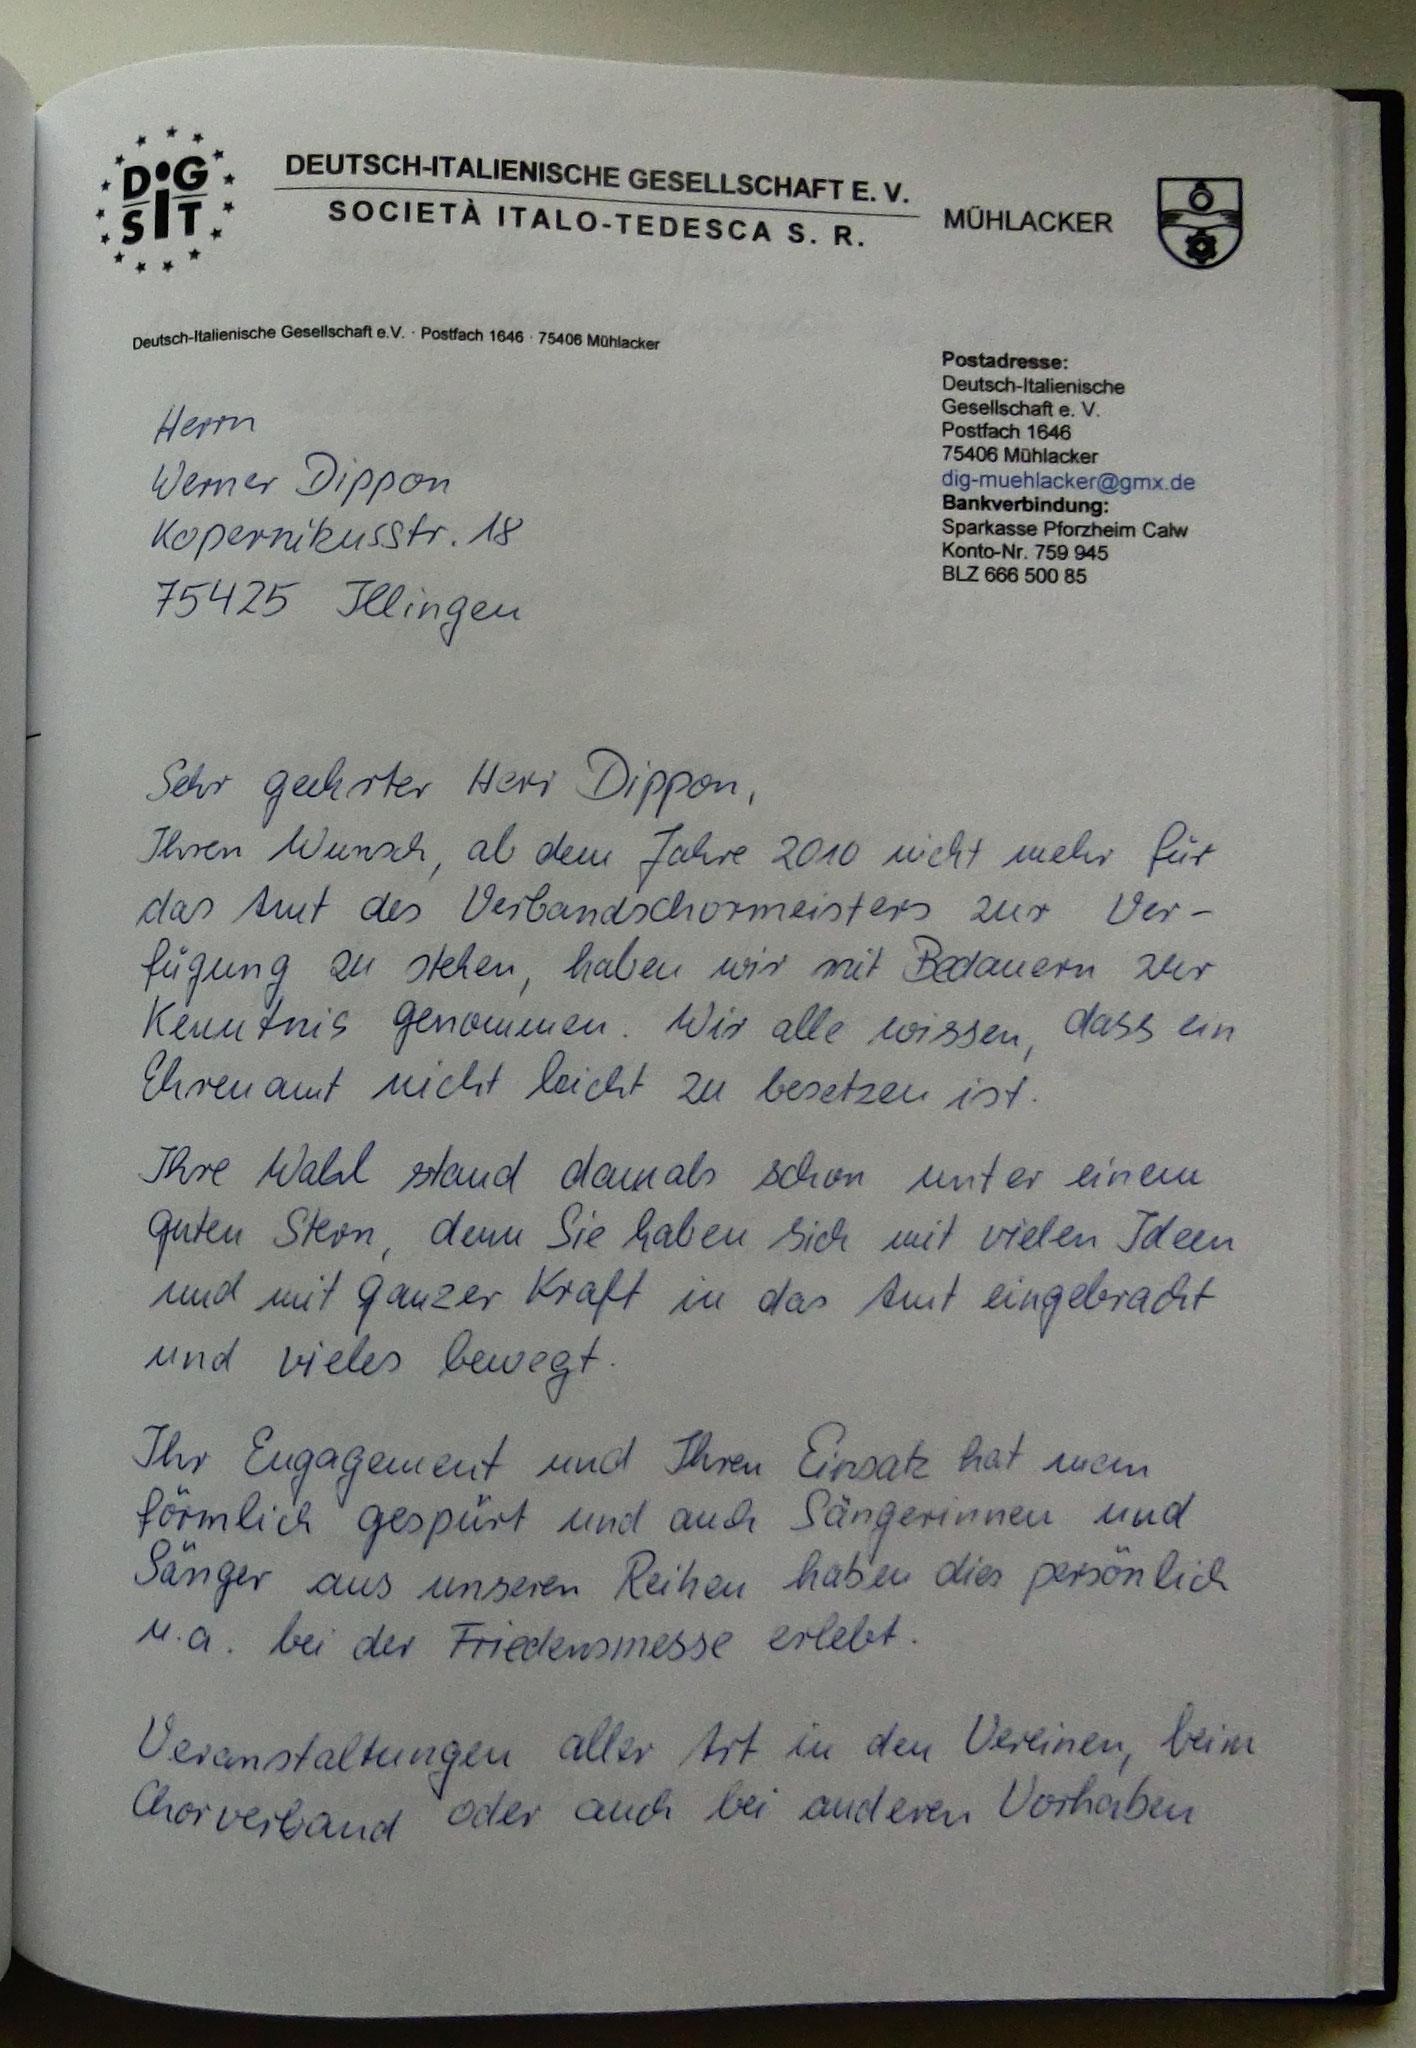 DIG Deutsch Italienische Gesellschaft Mühlacker